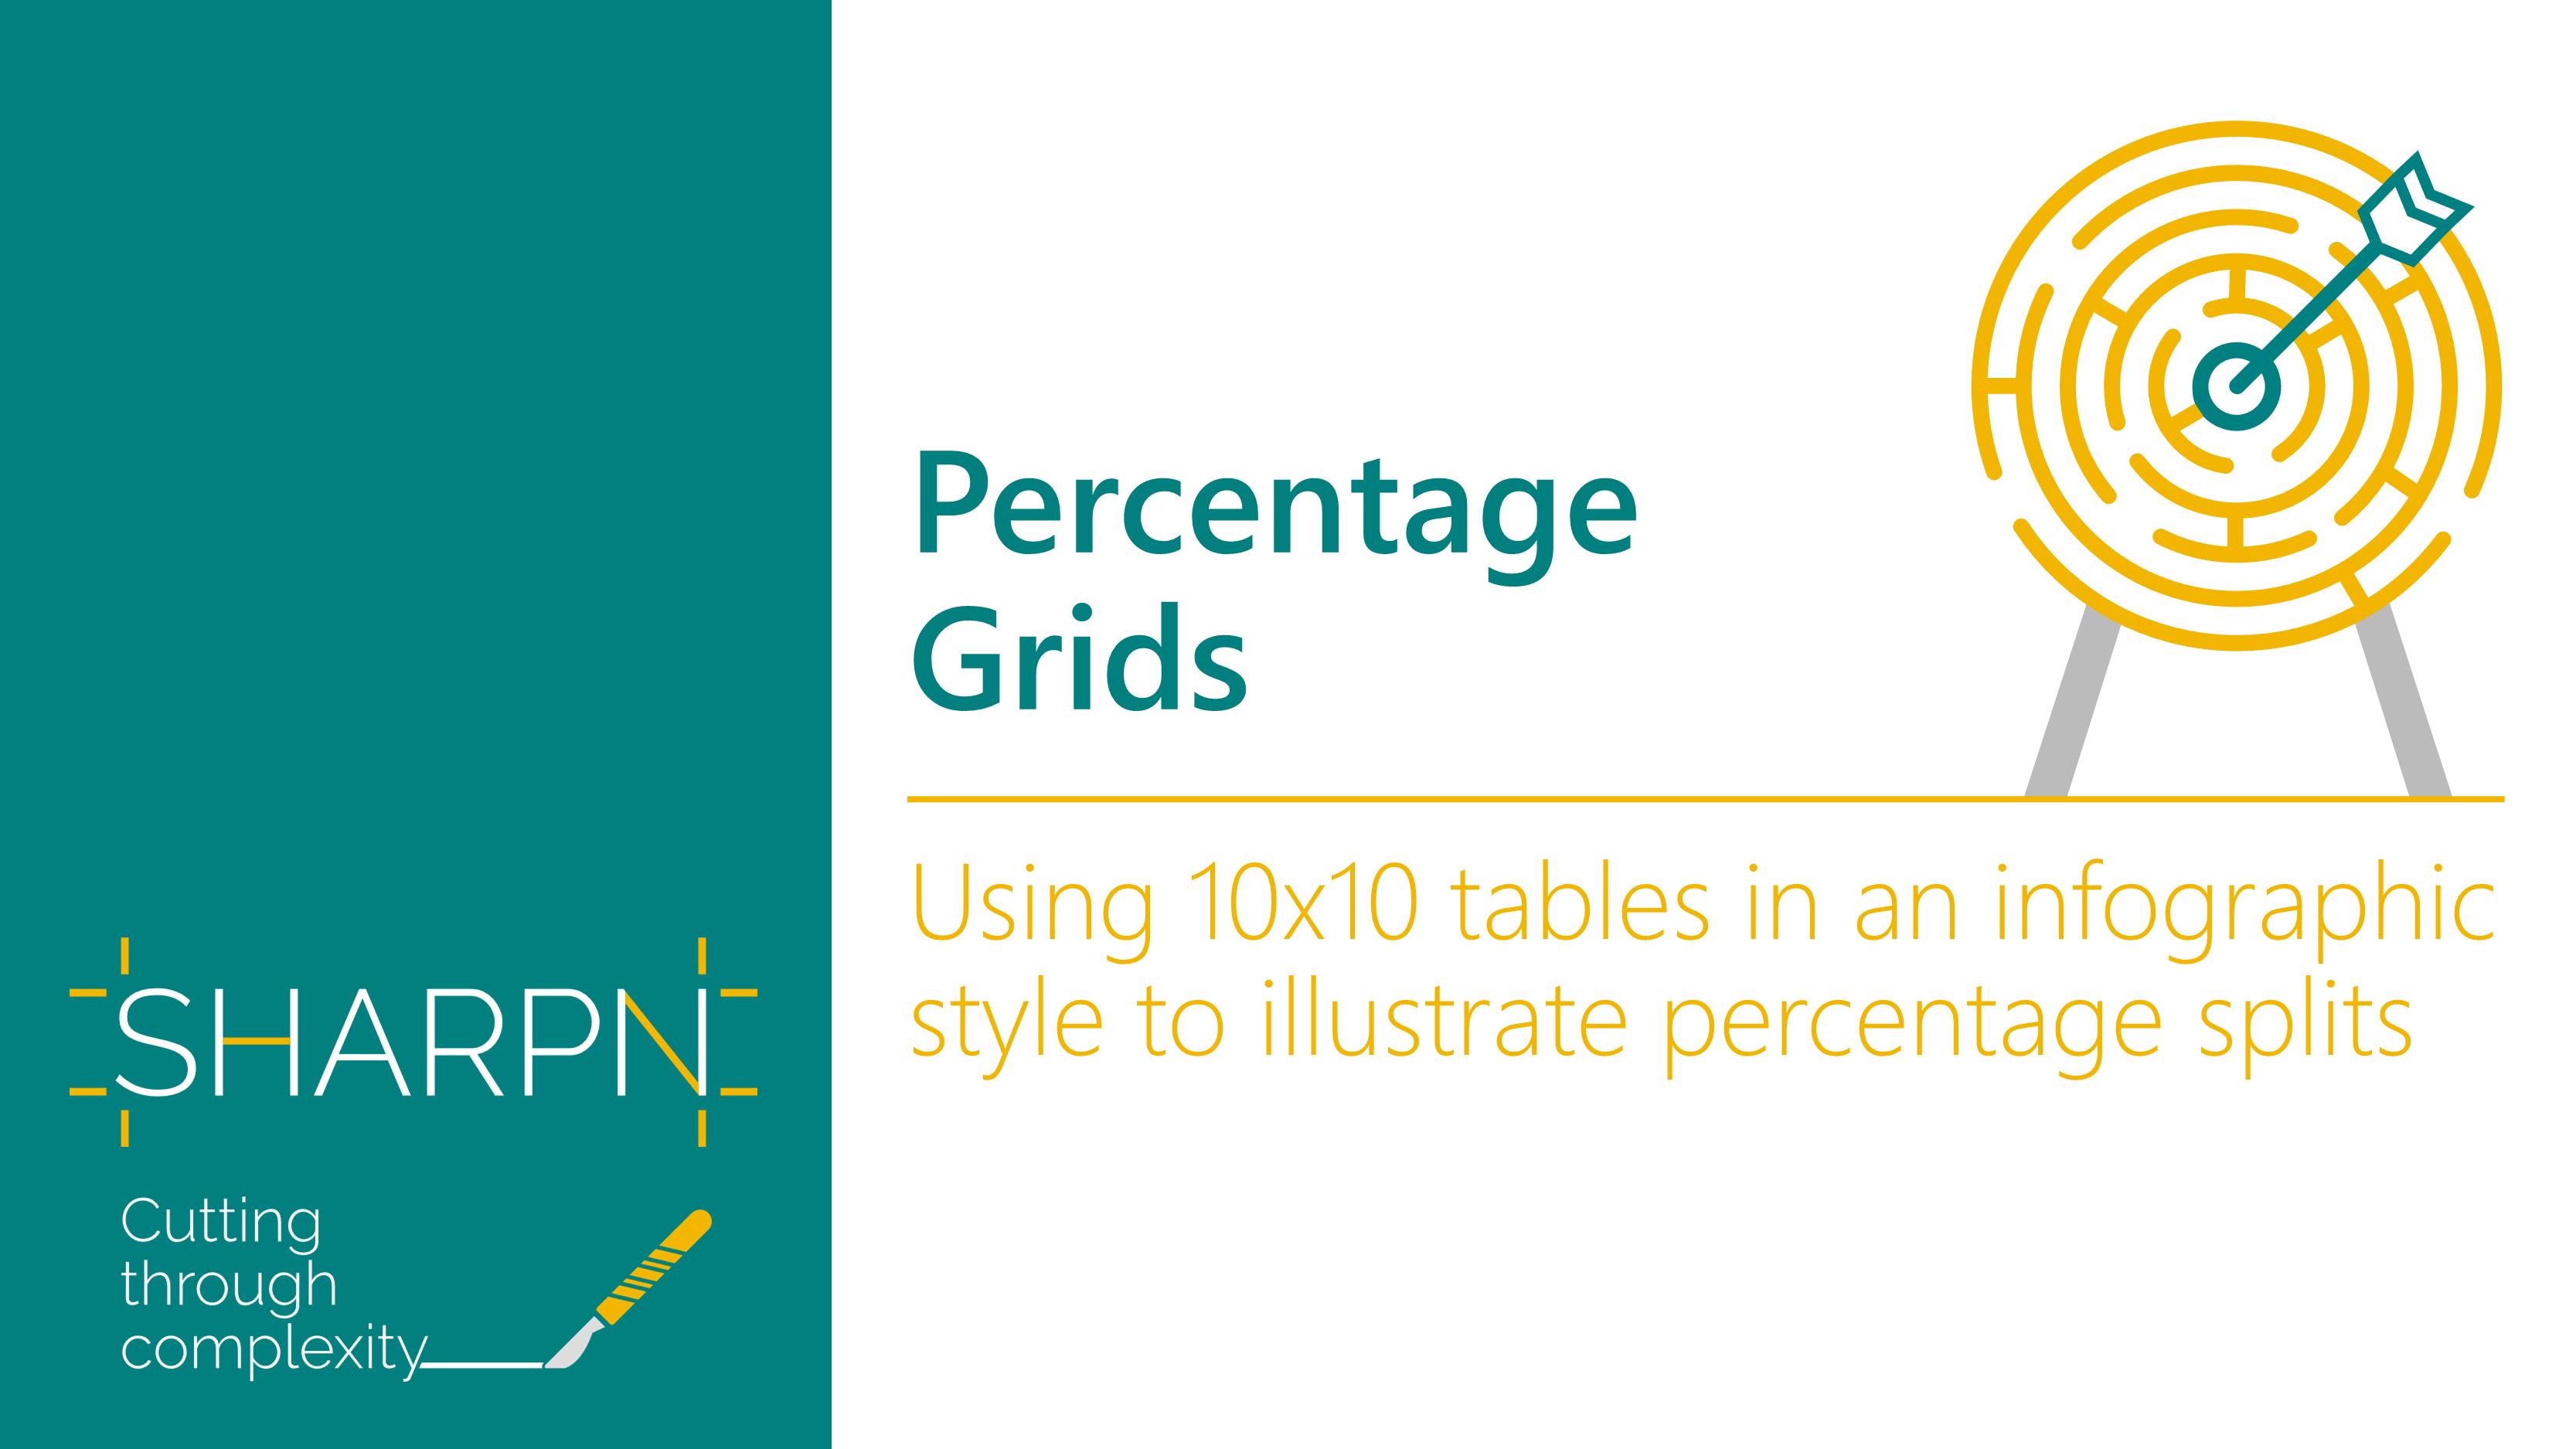 10x10 percentage grids